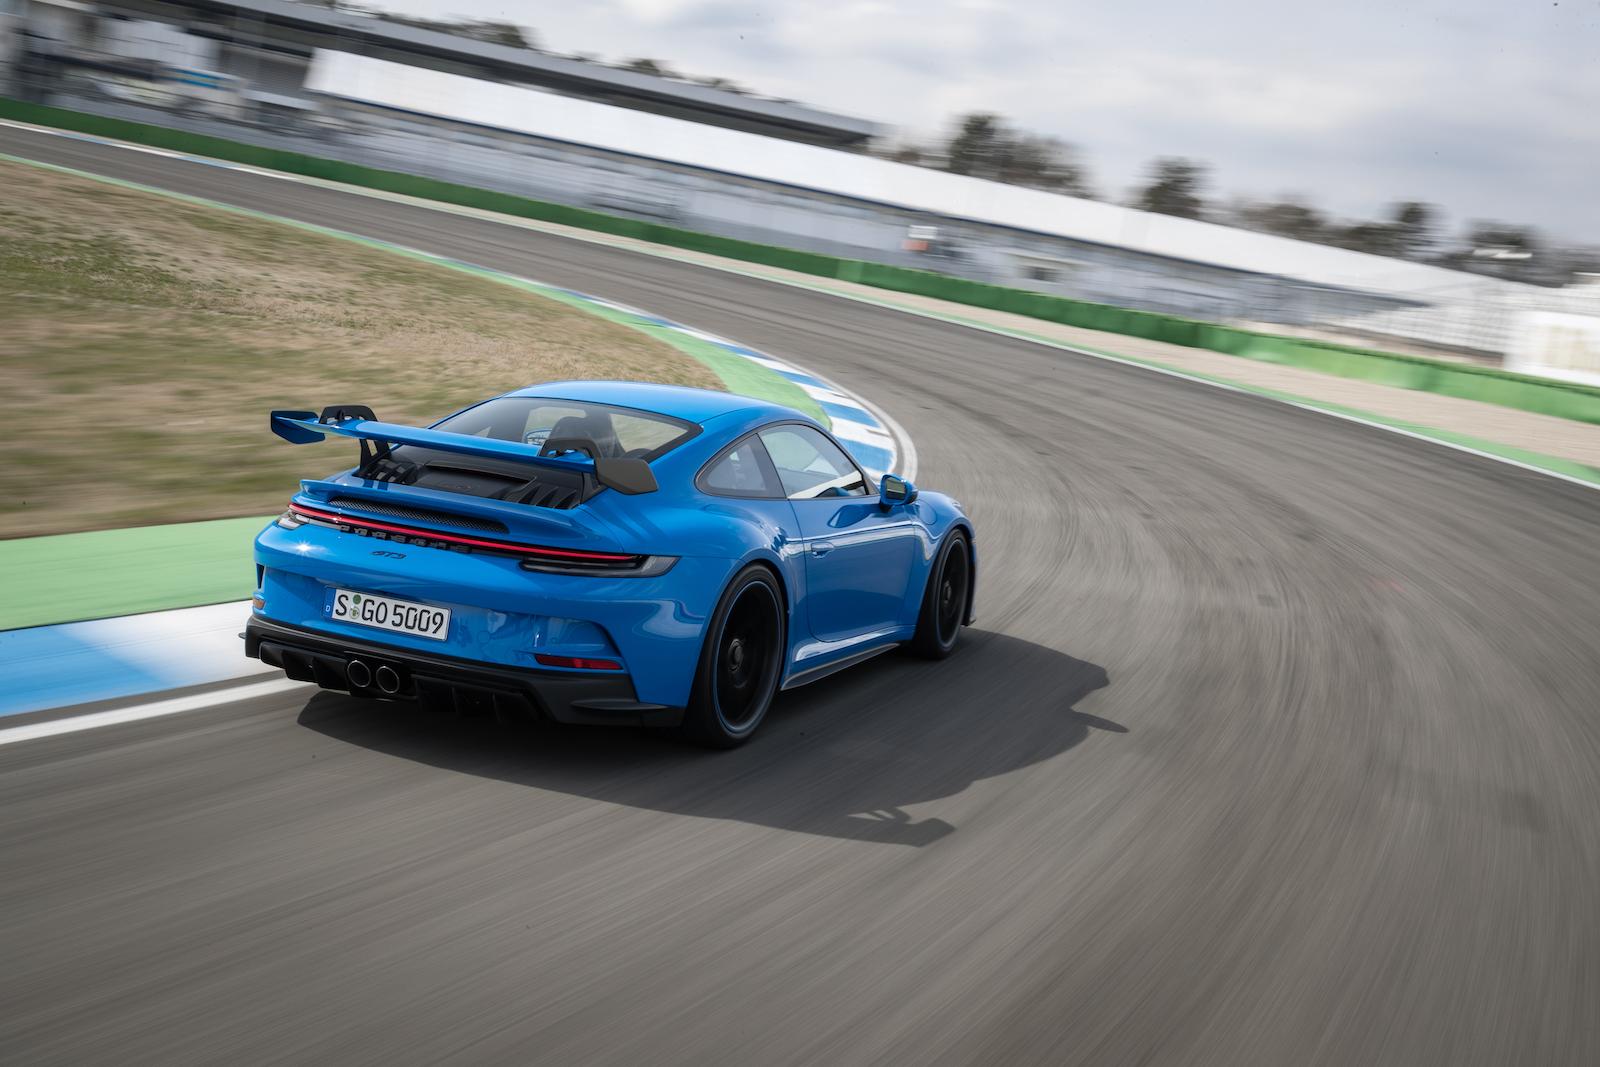 在義大利 Nardo 環狀測試賽道上,911 GT3 四升六缸水平對臥引擎穩定地以 300km/h 速度持續行駛。